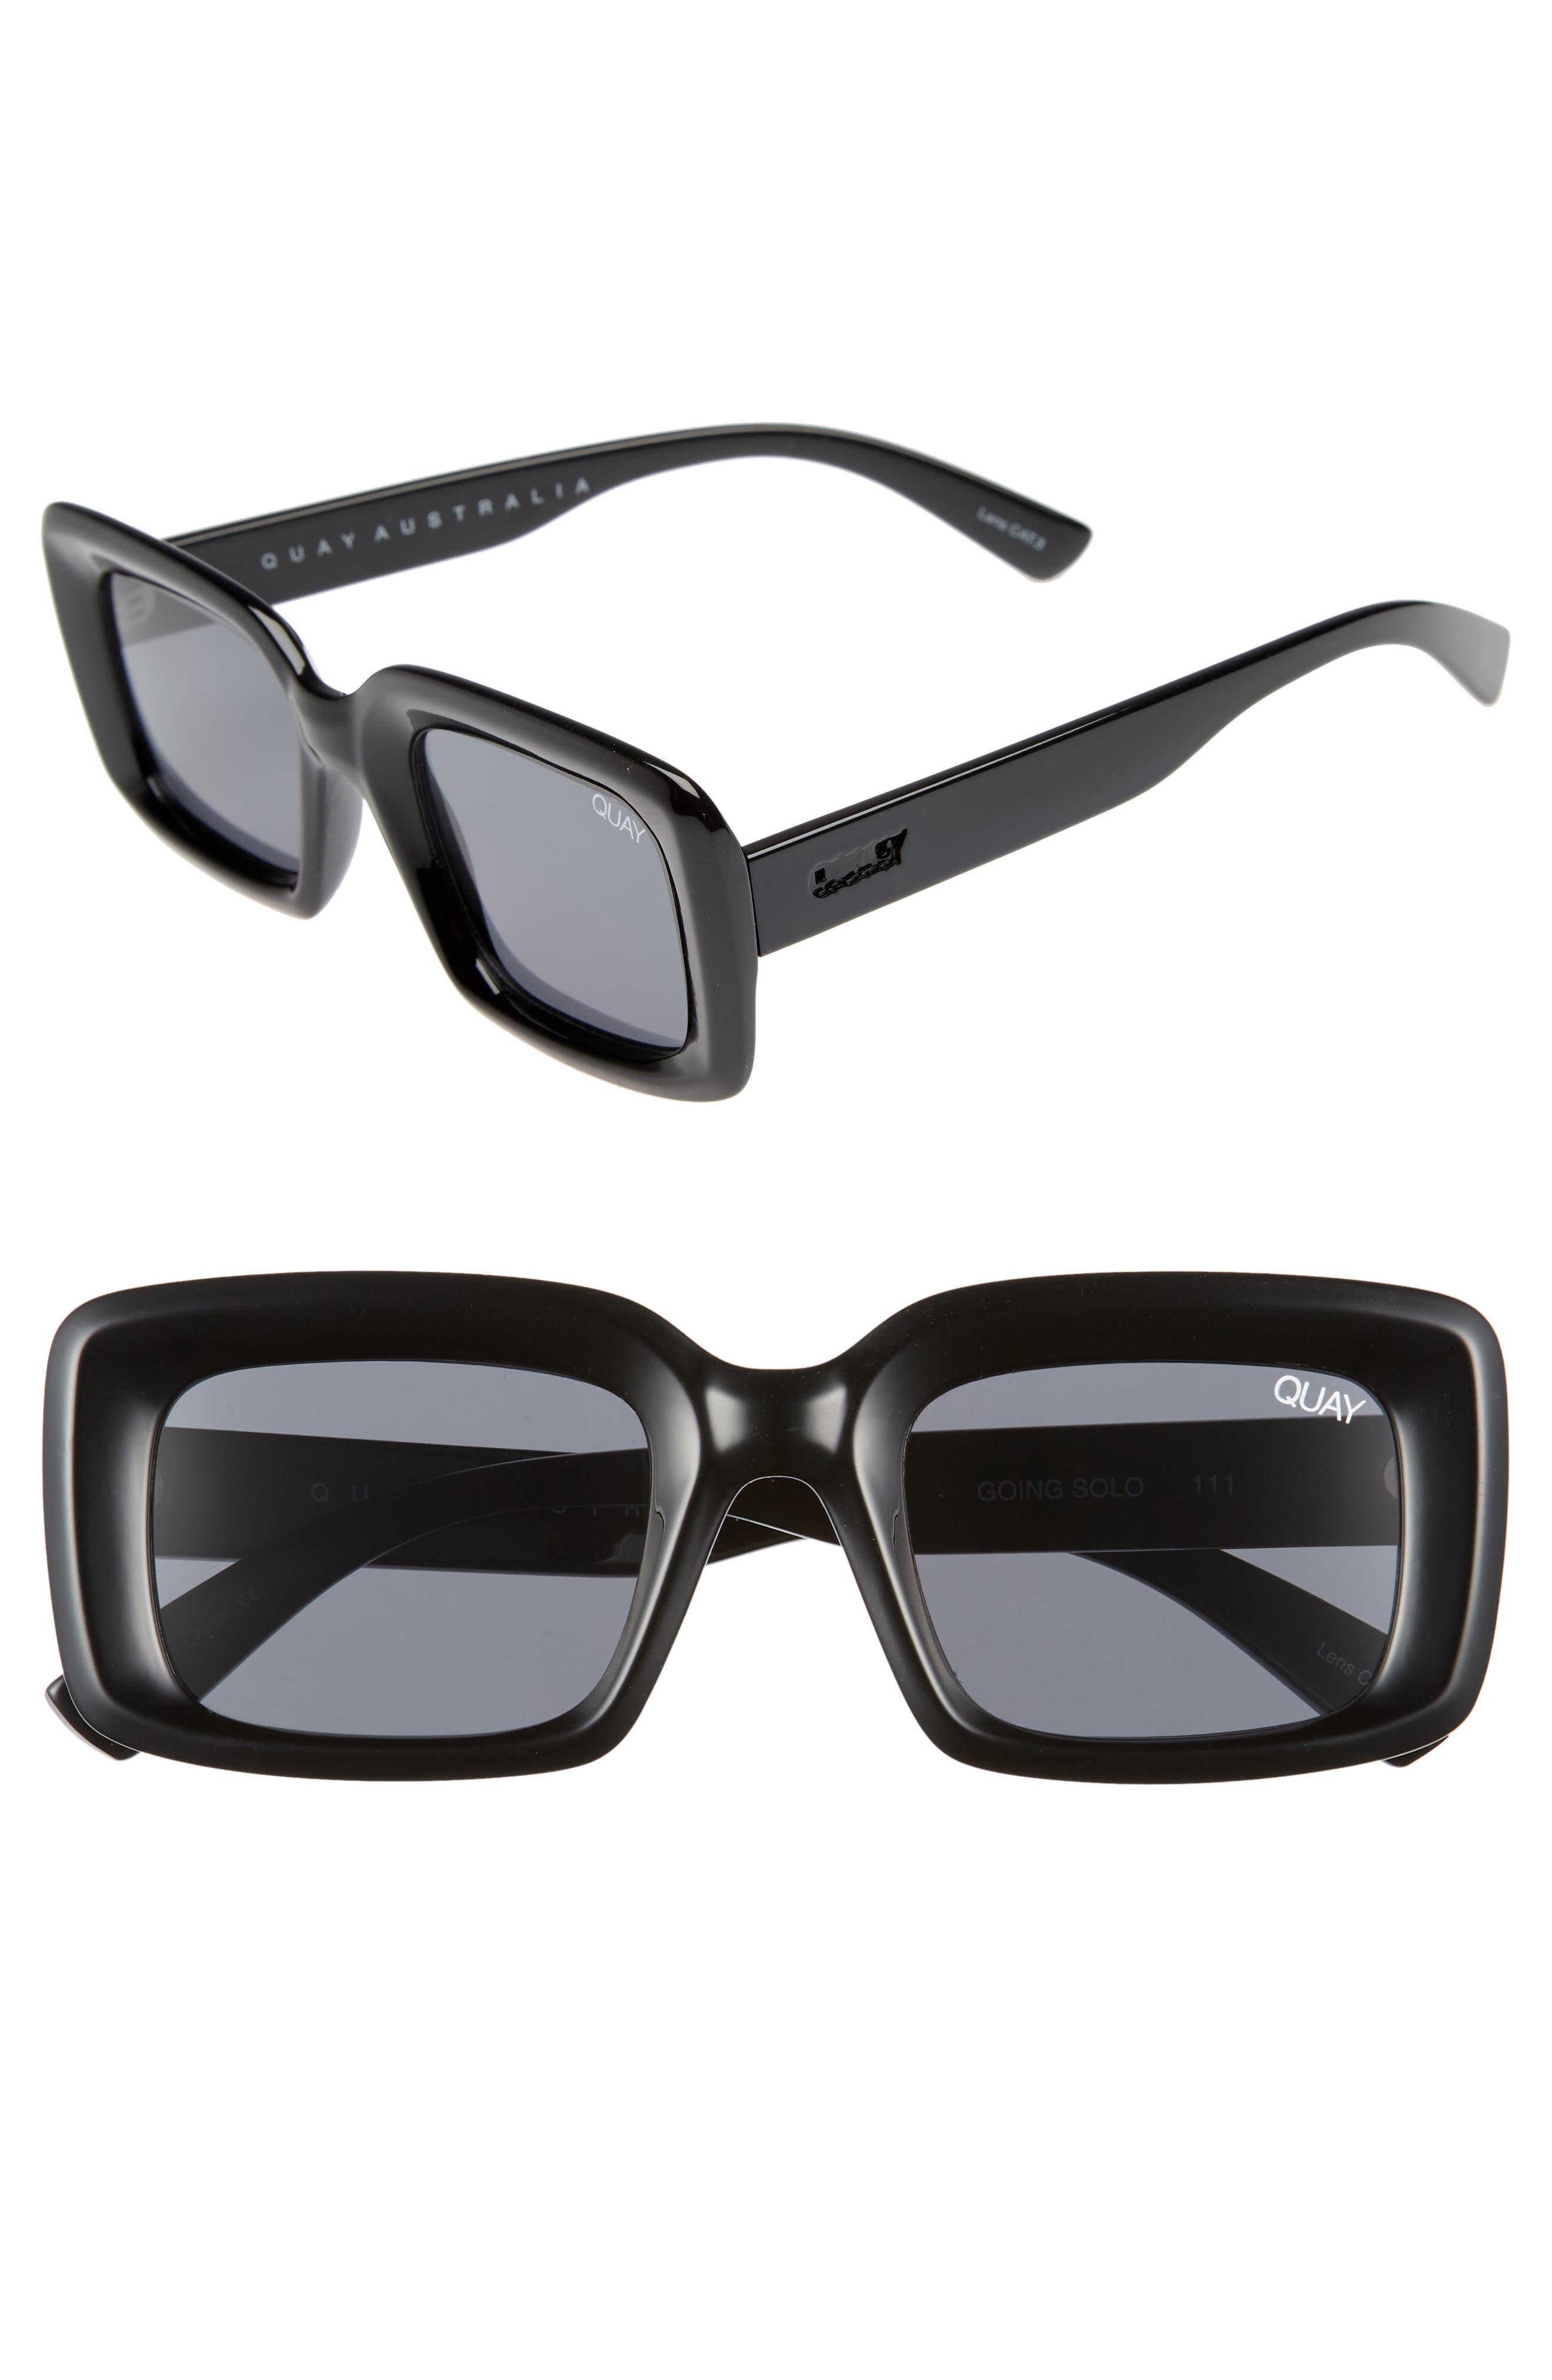 Going Solo 48mm Square Sunglasses,                         Main,                         color, BLACK/ SMOKE